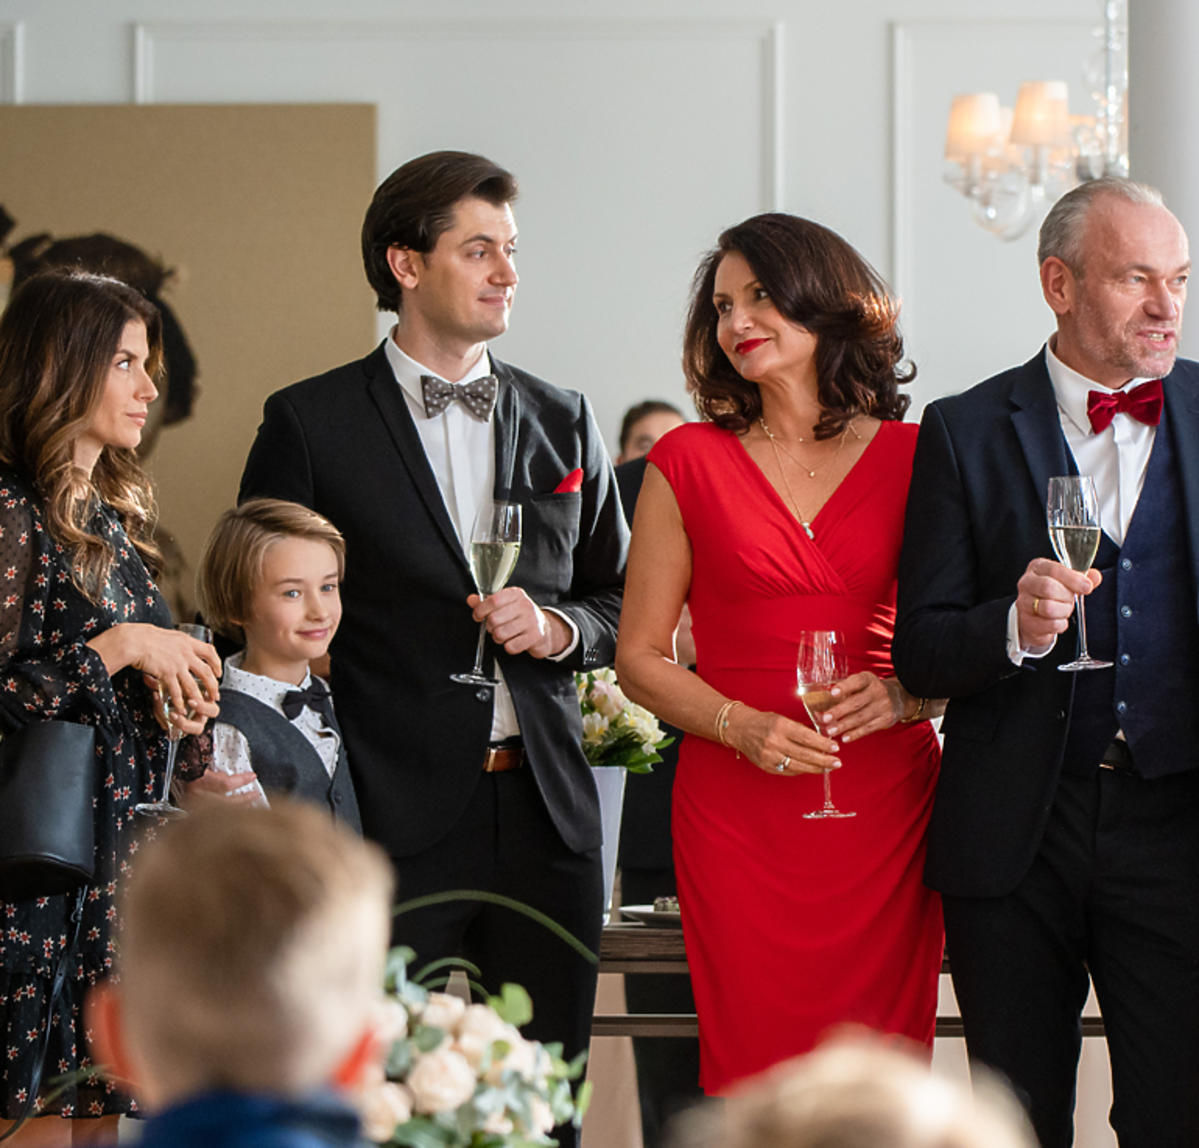 Marta ujawni prawdę o swoim małżeństwie